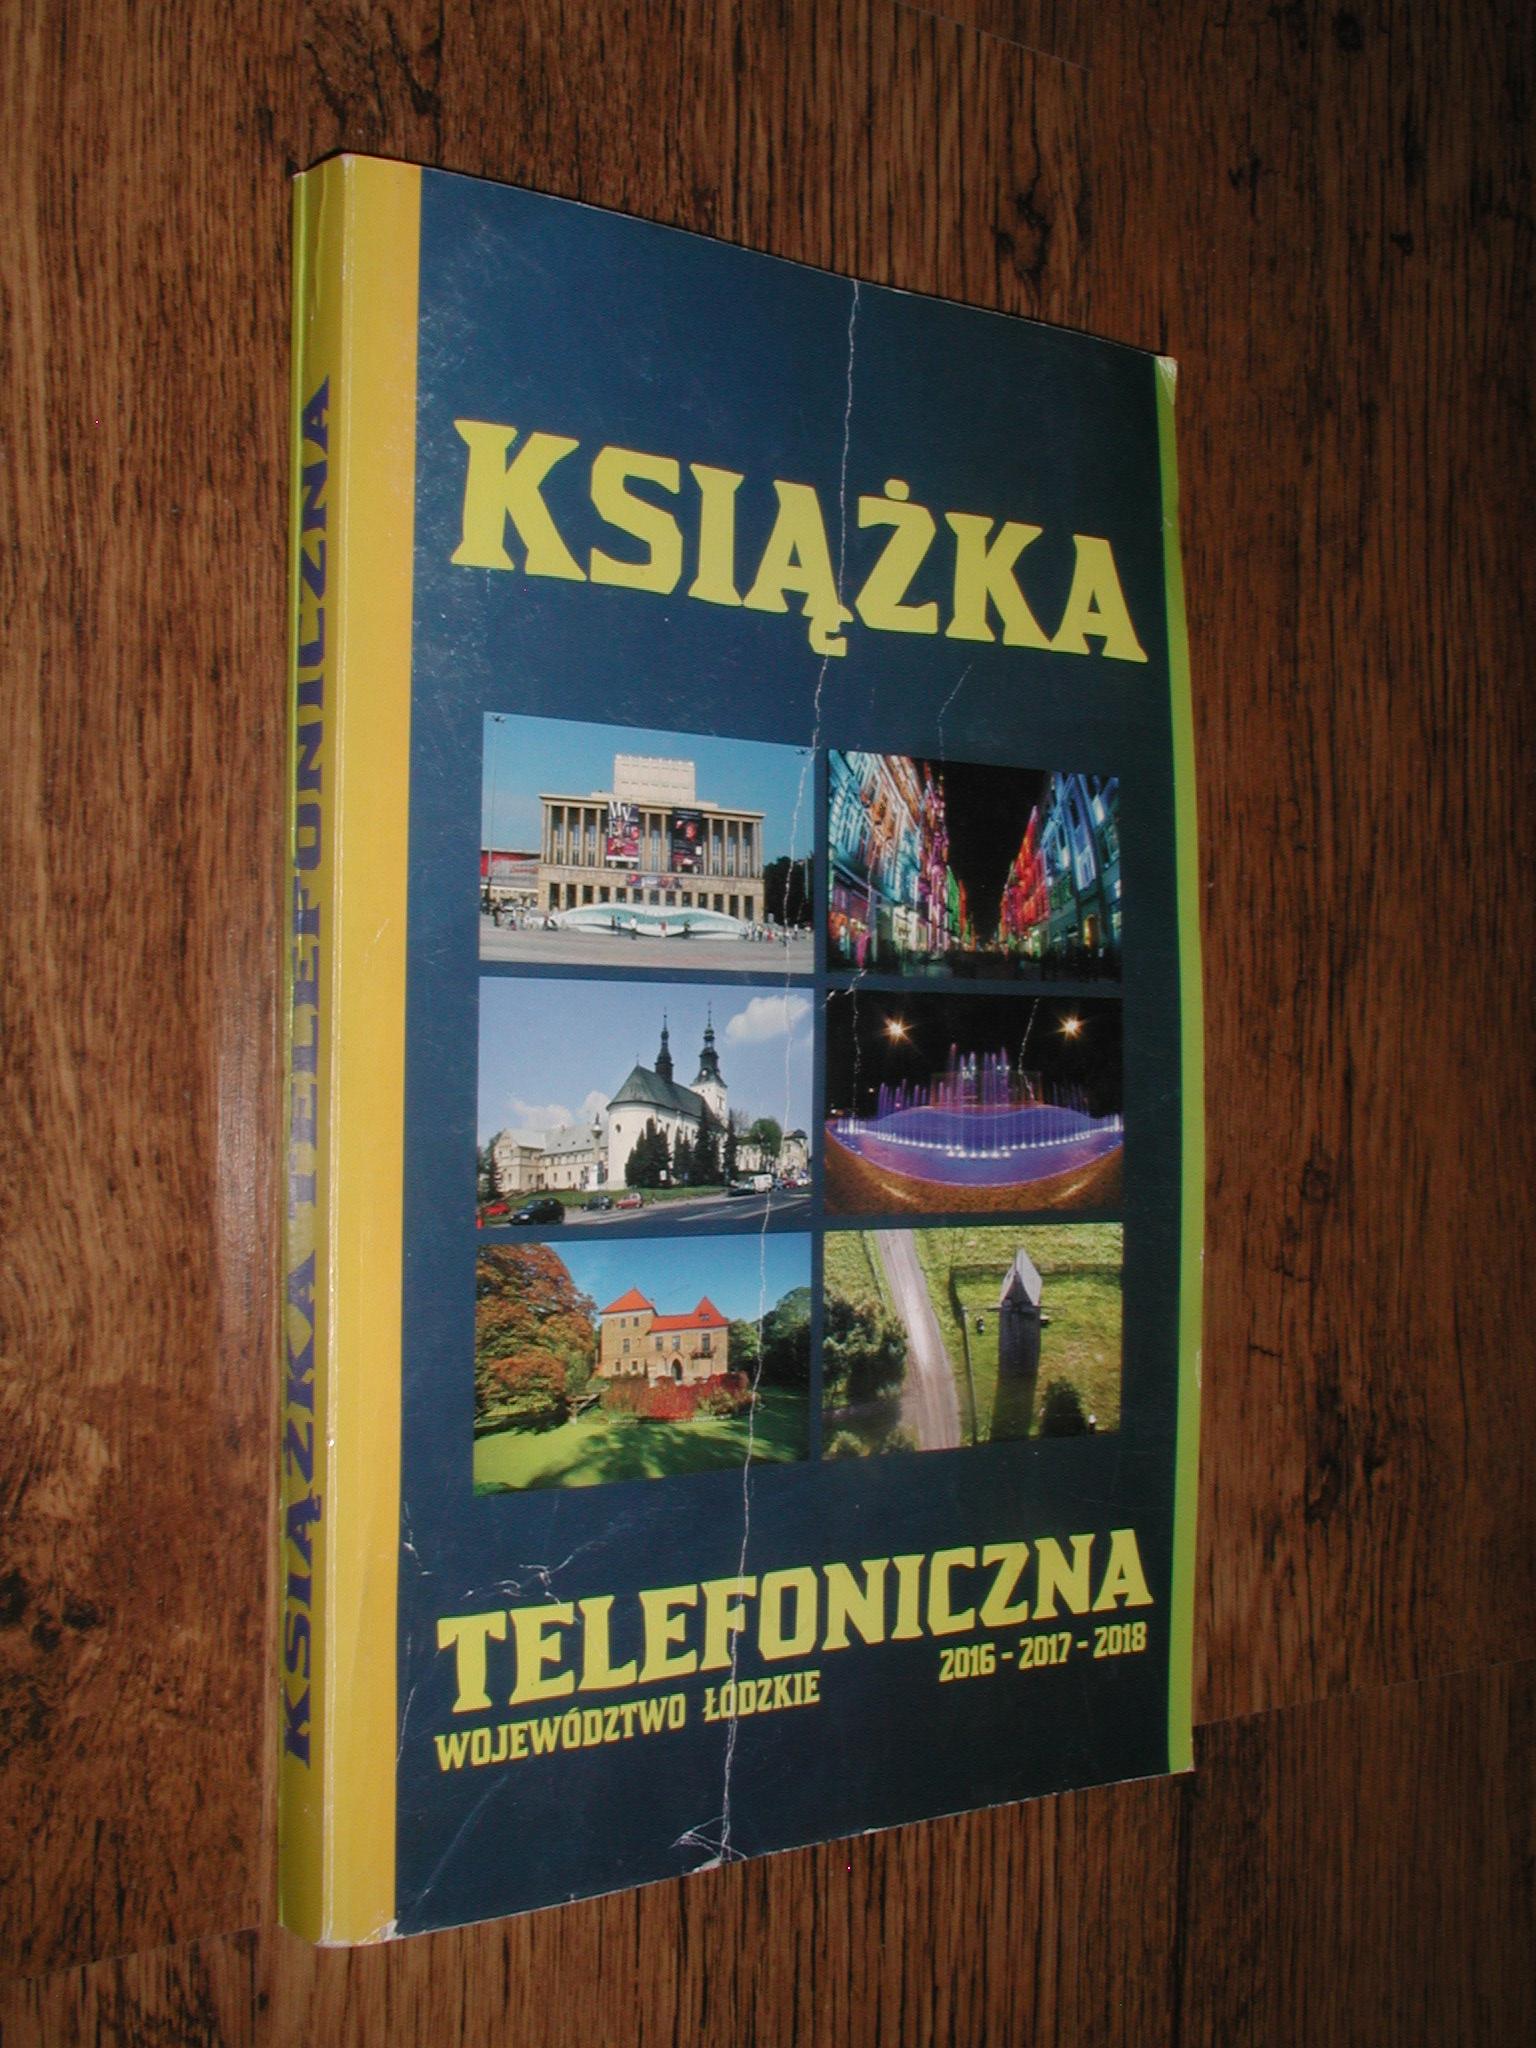 Bardzo dobry ksiazka telefoniczna w Oficjalnym Archiwum Allegro - Strona 9 AQ44